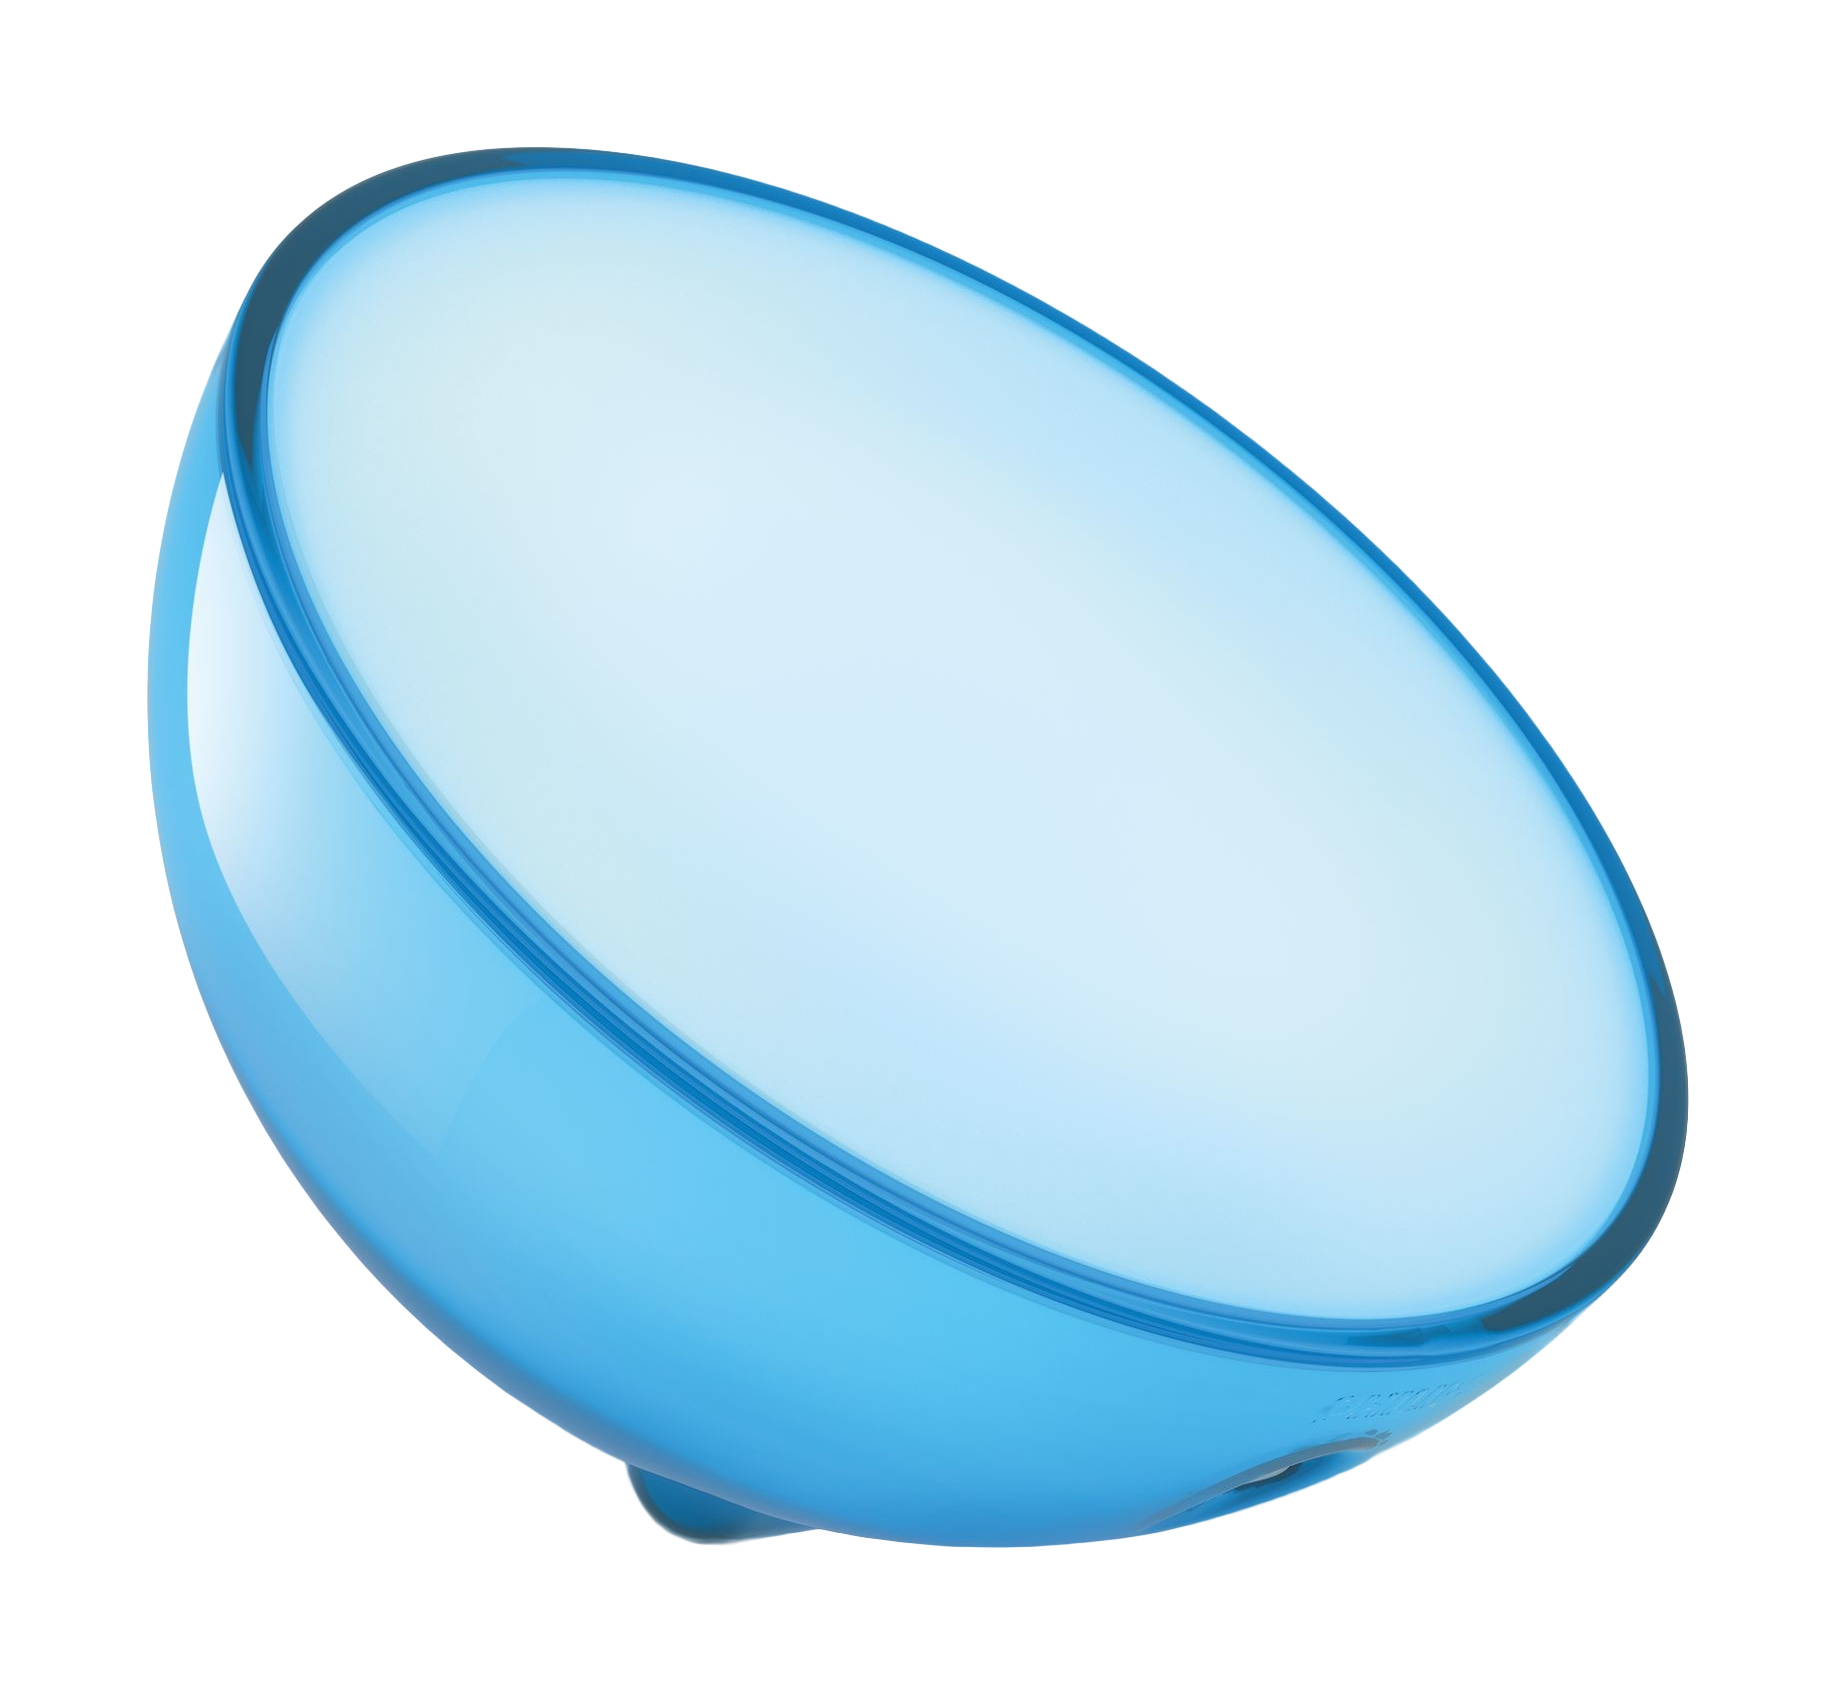 Philips luce portatile go 7146060ph confronta i prezzi e - Philips illuminazione casa ...